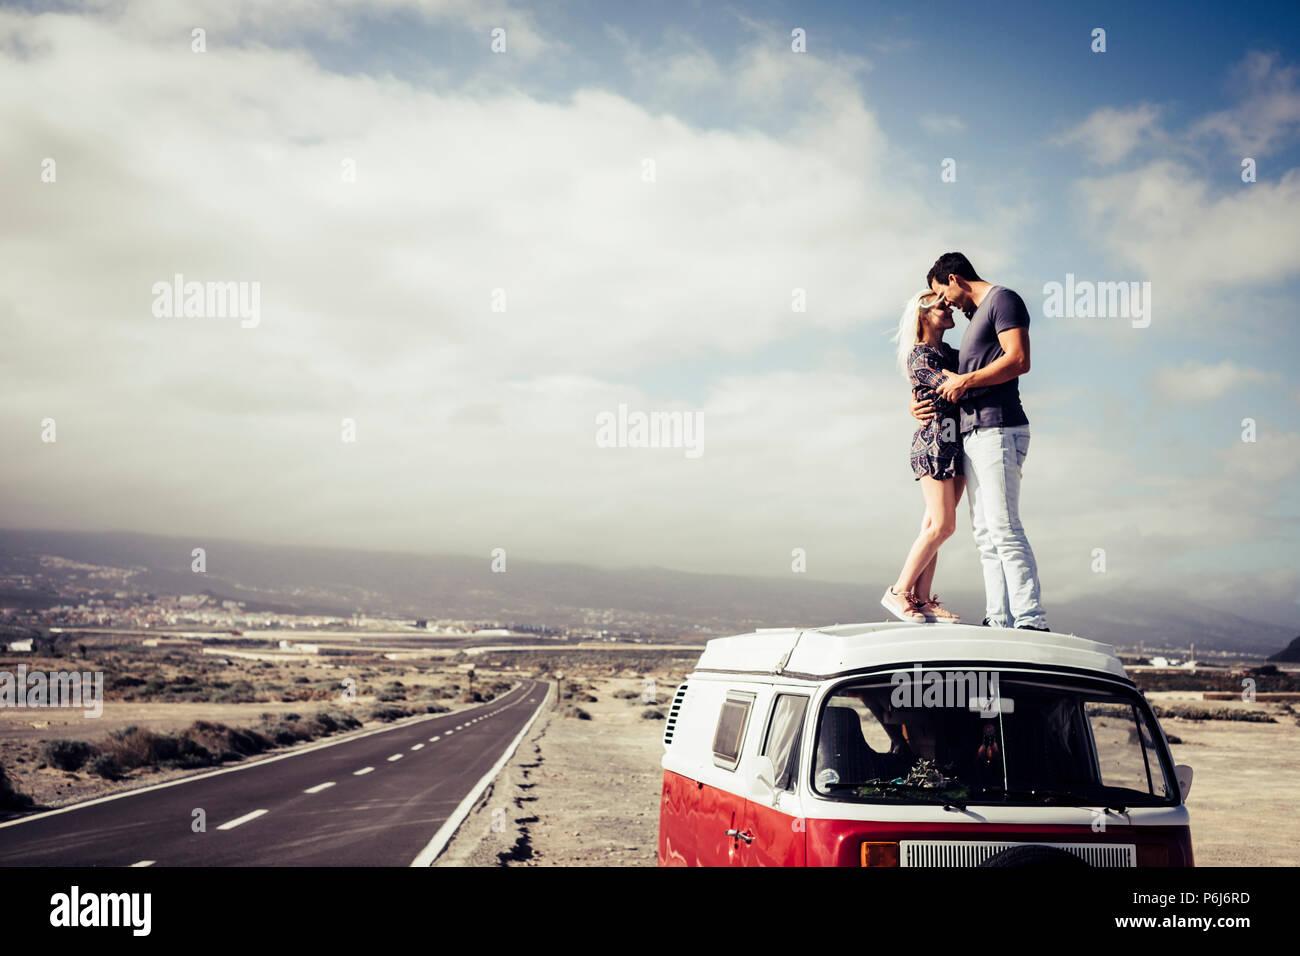 Hermosa pareja caucásica en el amor de pie sobre el techo de una vendimia legendaru van. Viajes y concepto de familia. largo camino asfaltado en el fondo y el cielo Imagen De Stock